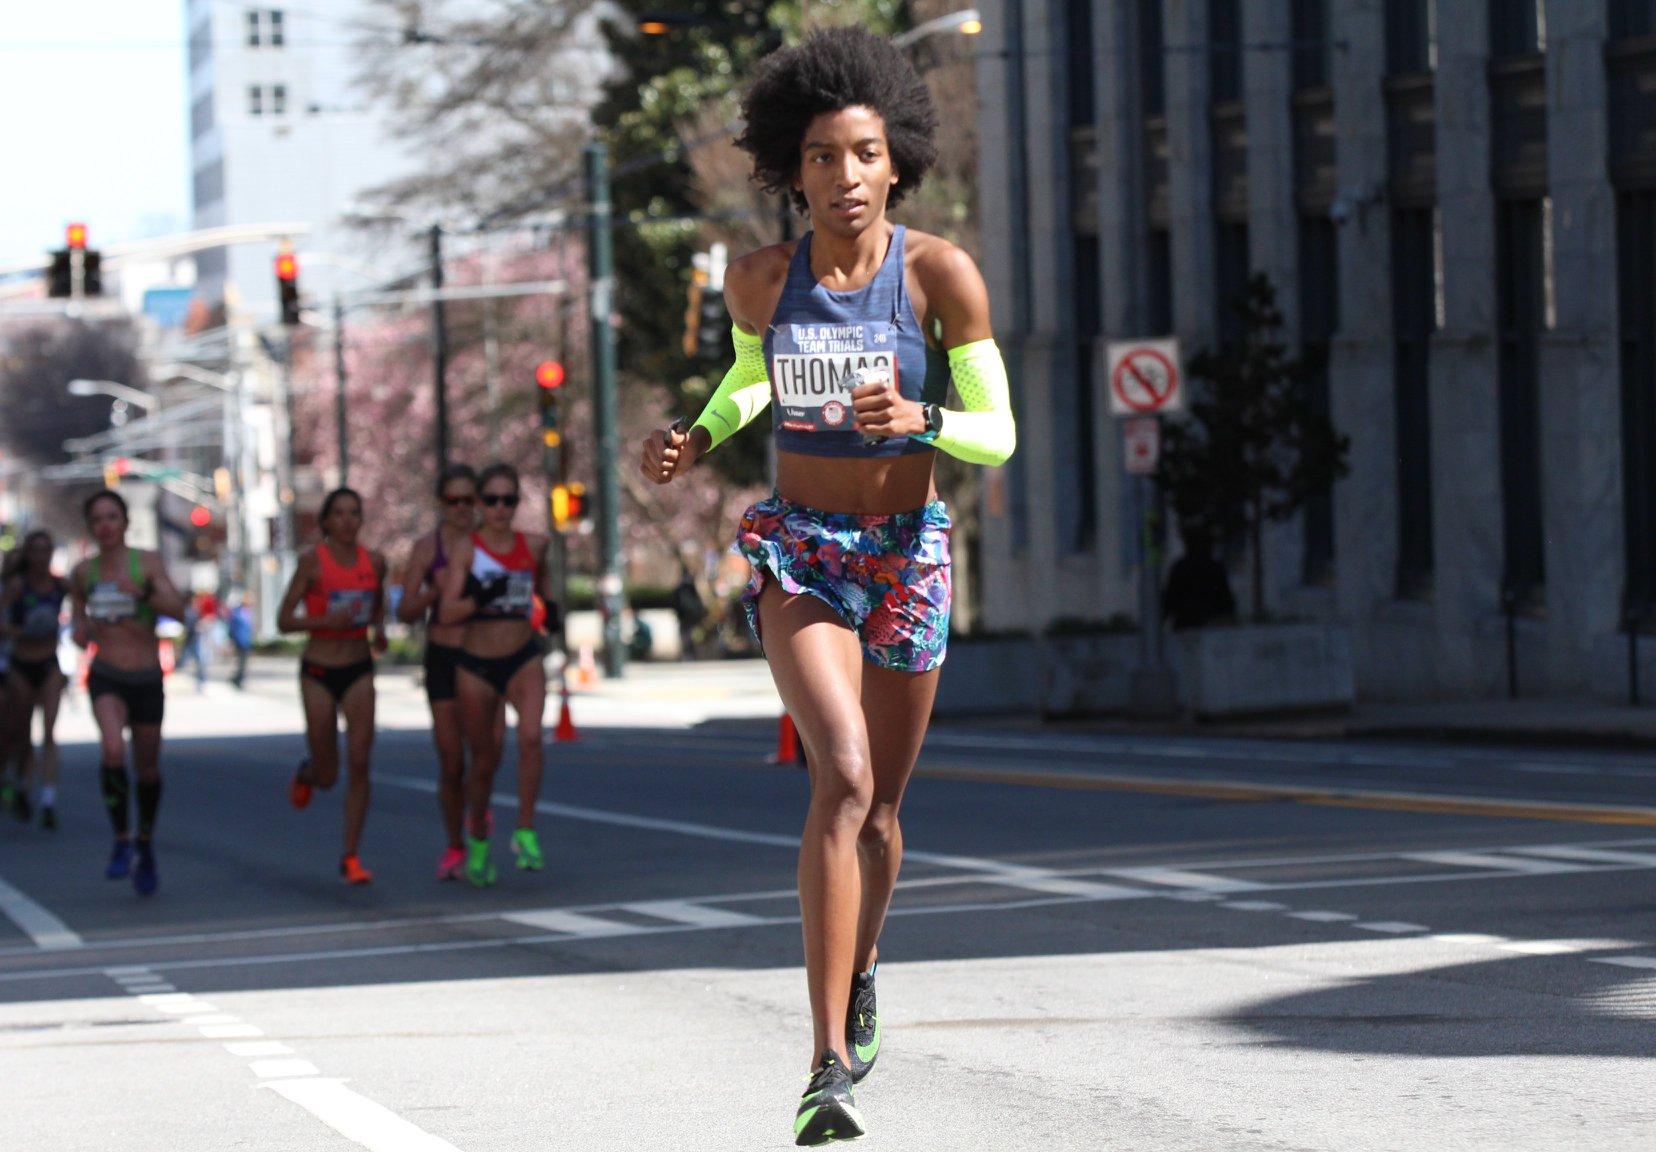 Peyton Thomas in a Marathon